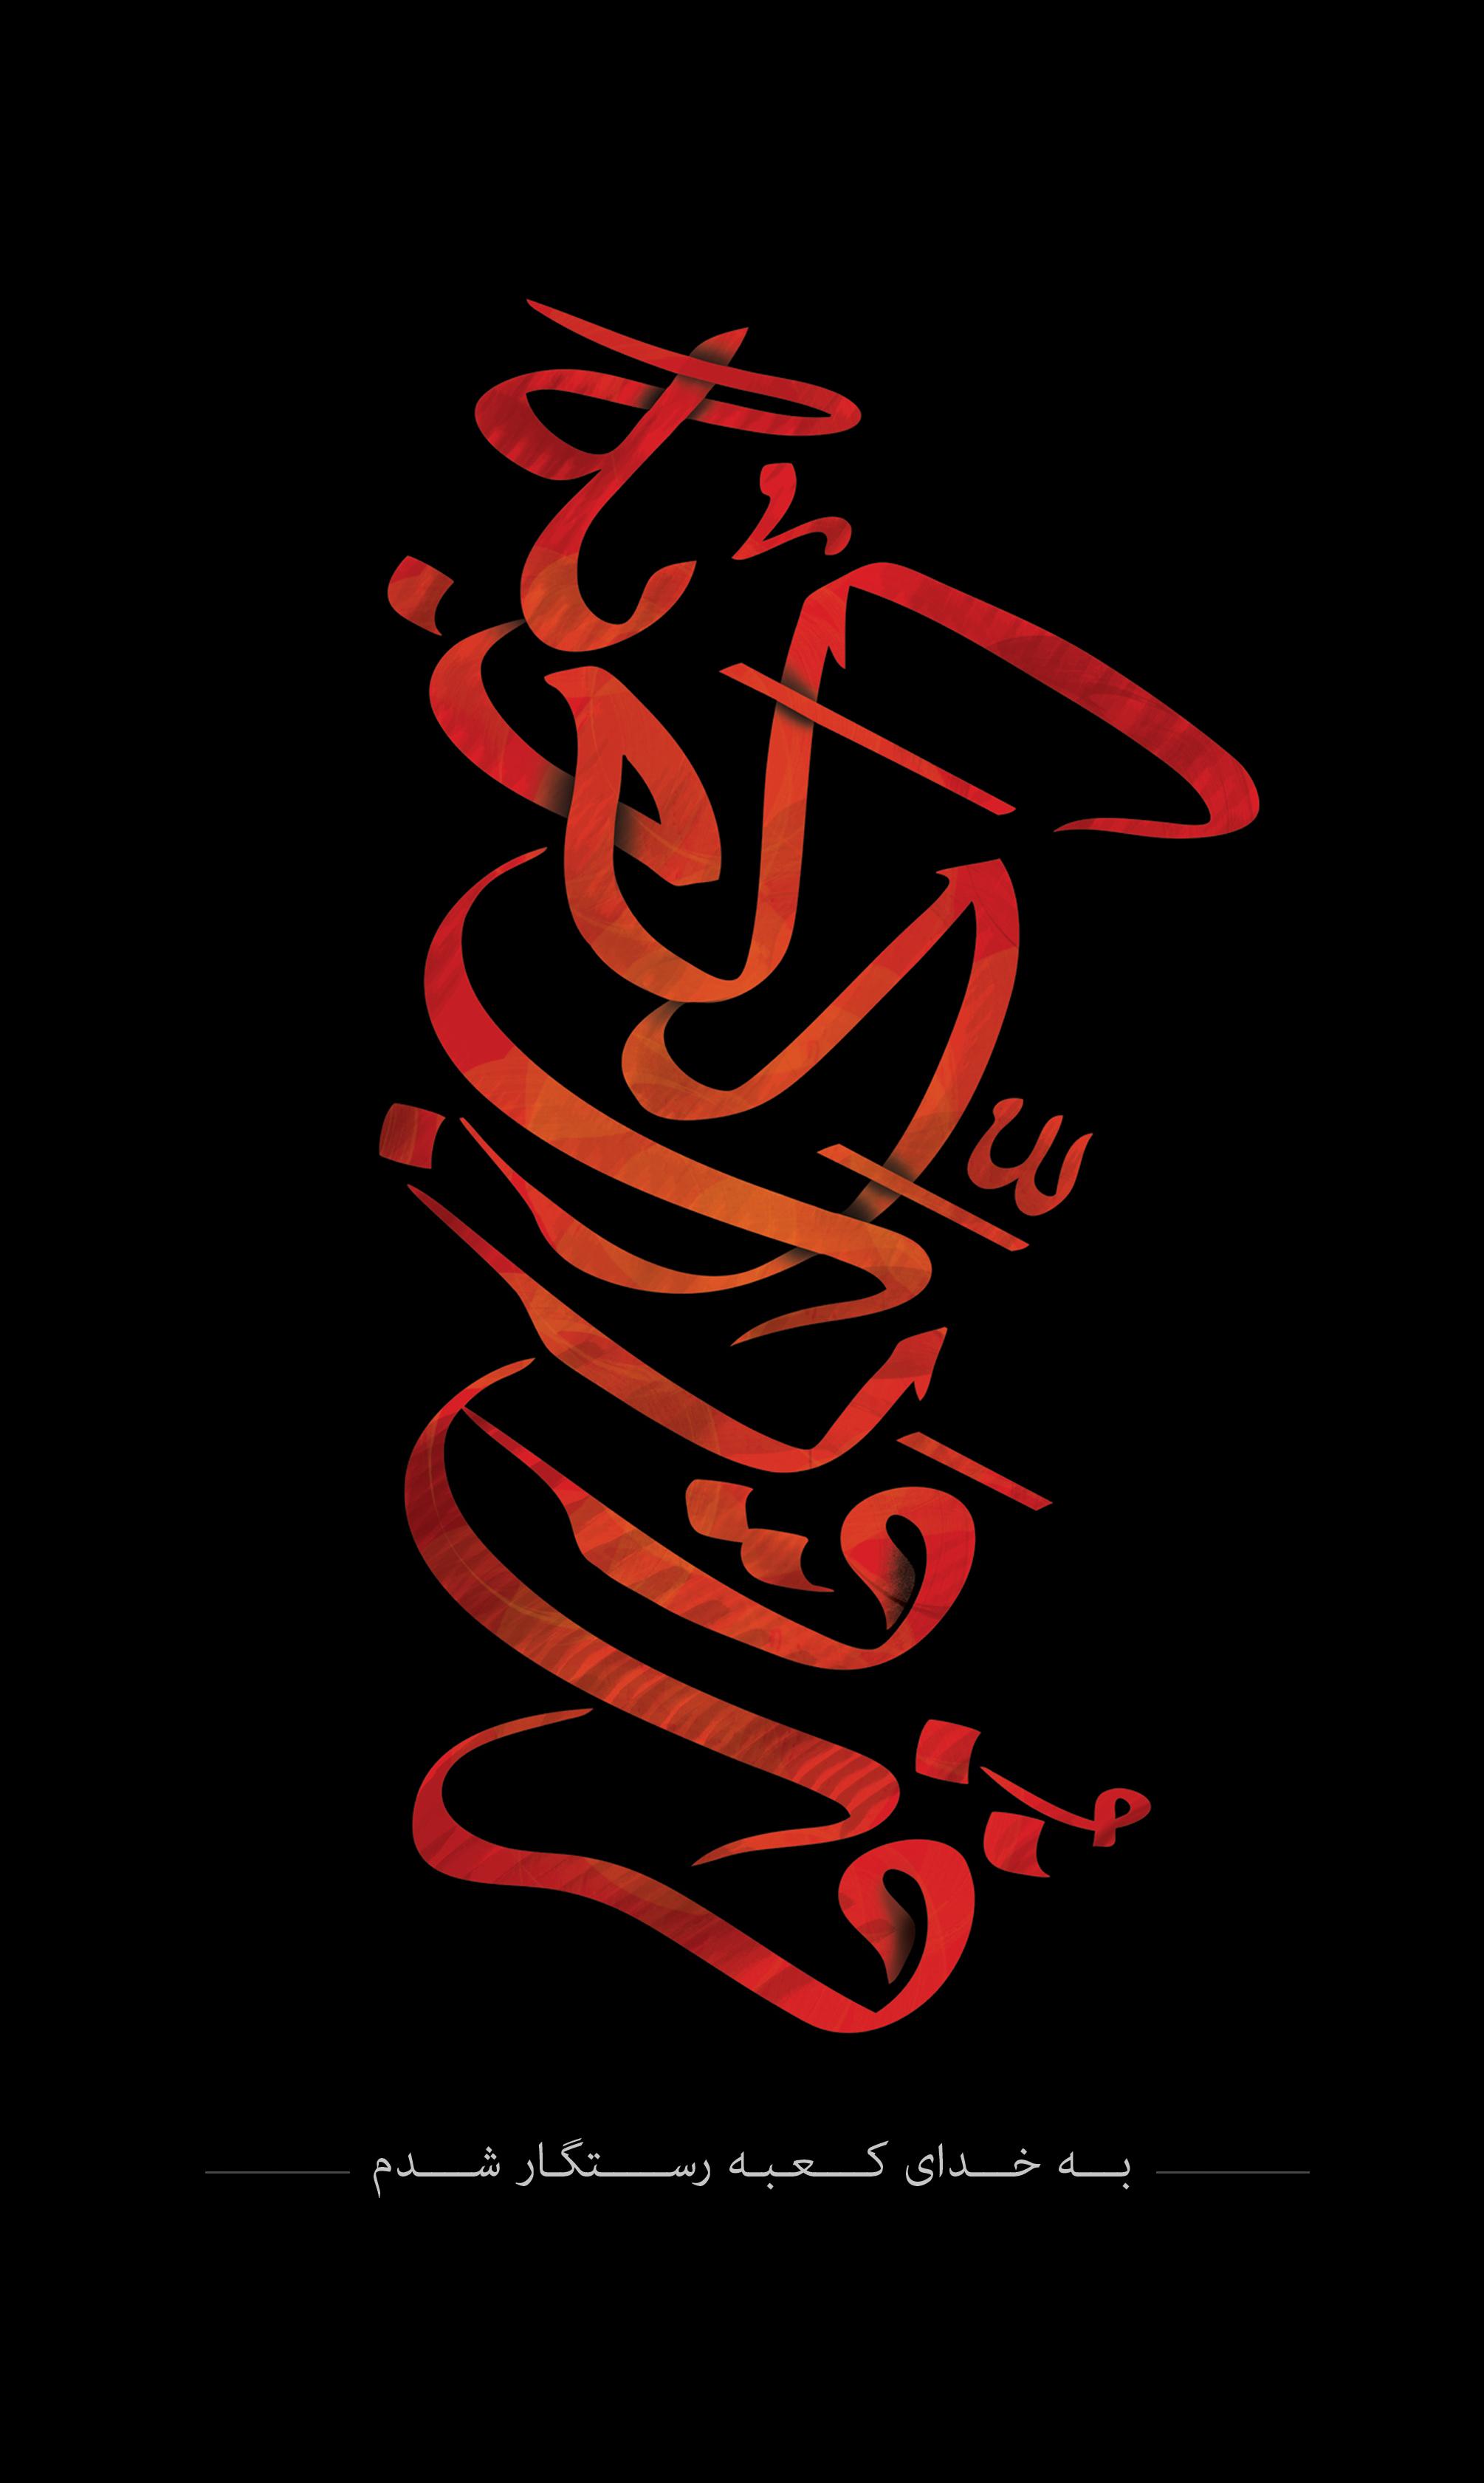 استوری اینستاگرام شب قدر فزت و رب الکعبه پوستر شهادت حضرت علی